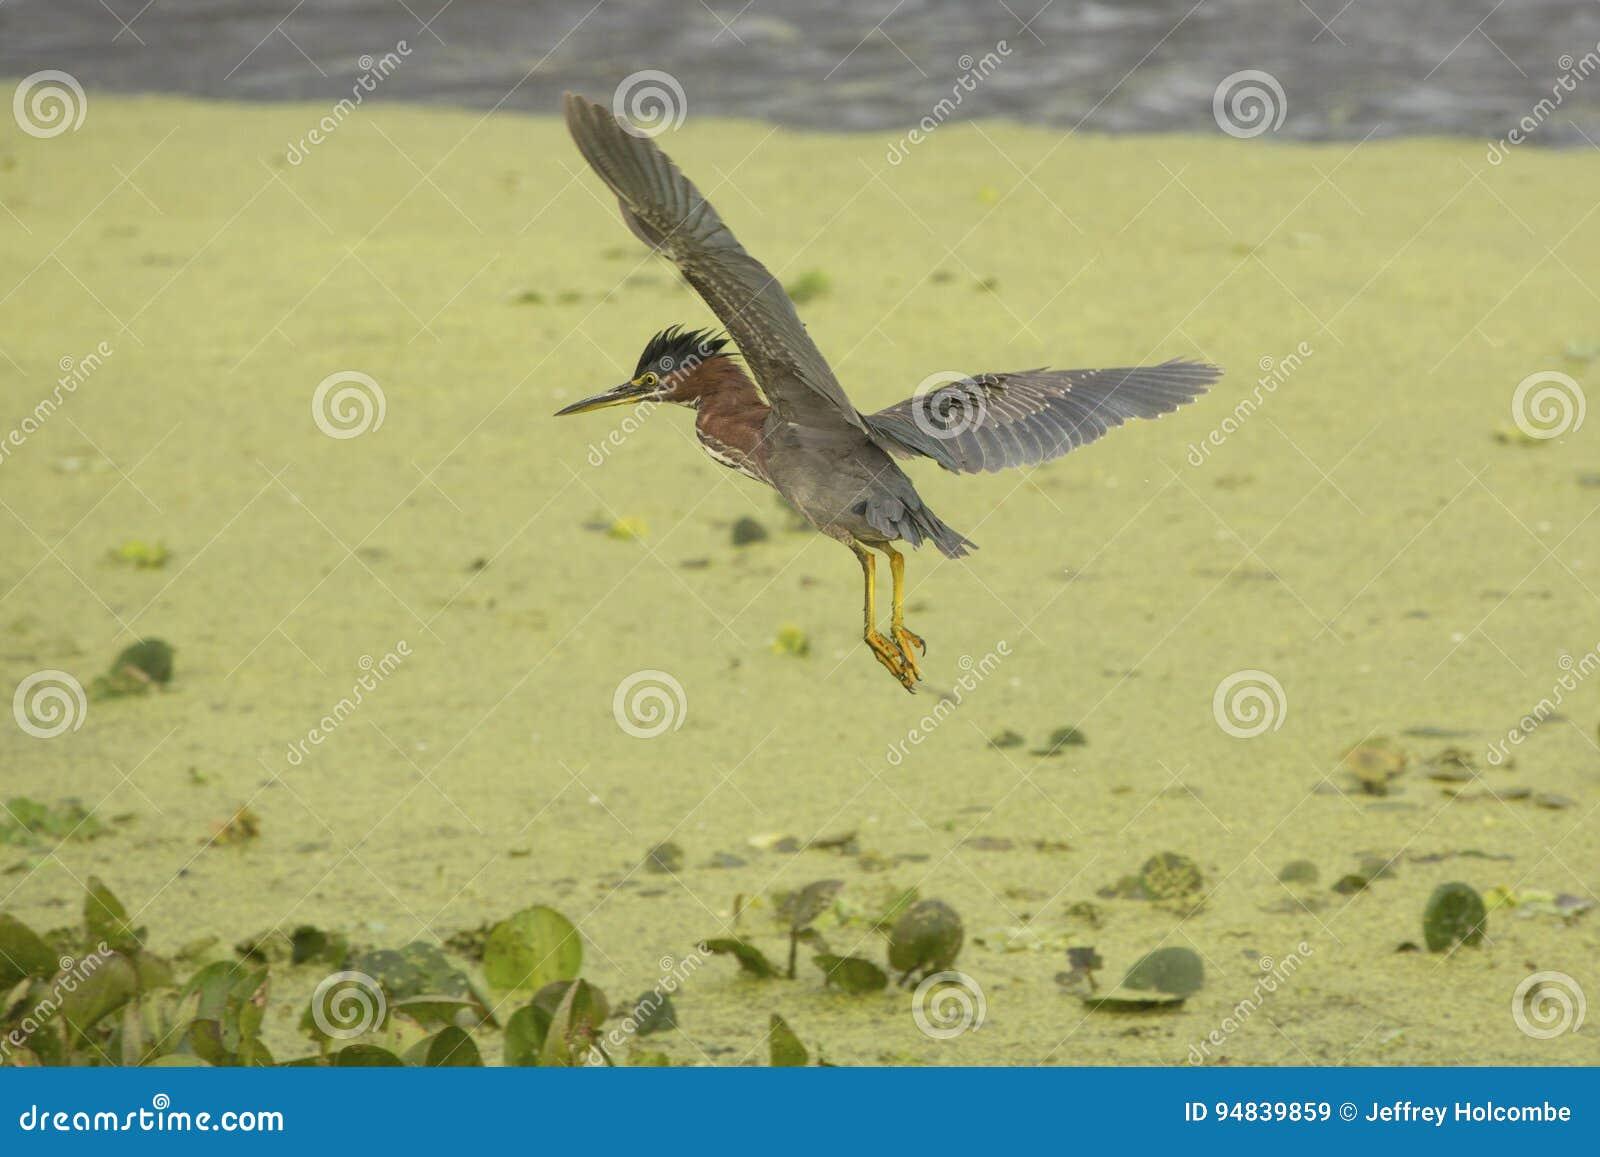 Pequeña garza verde que vuela sobre la vegetación del pantano en la Florida